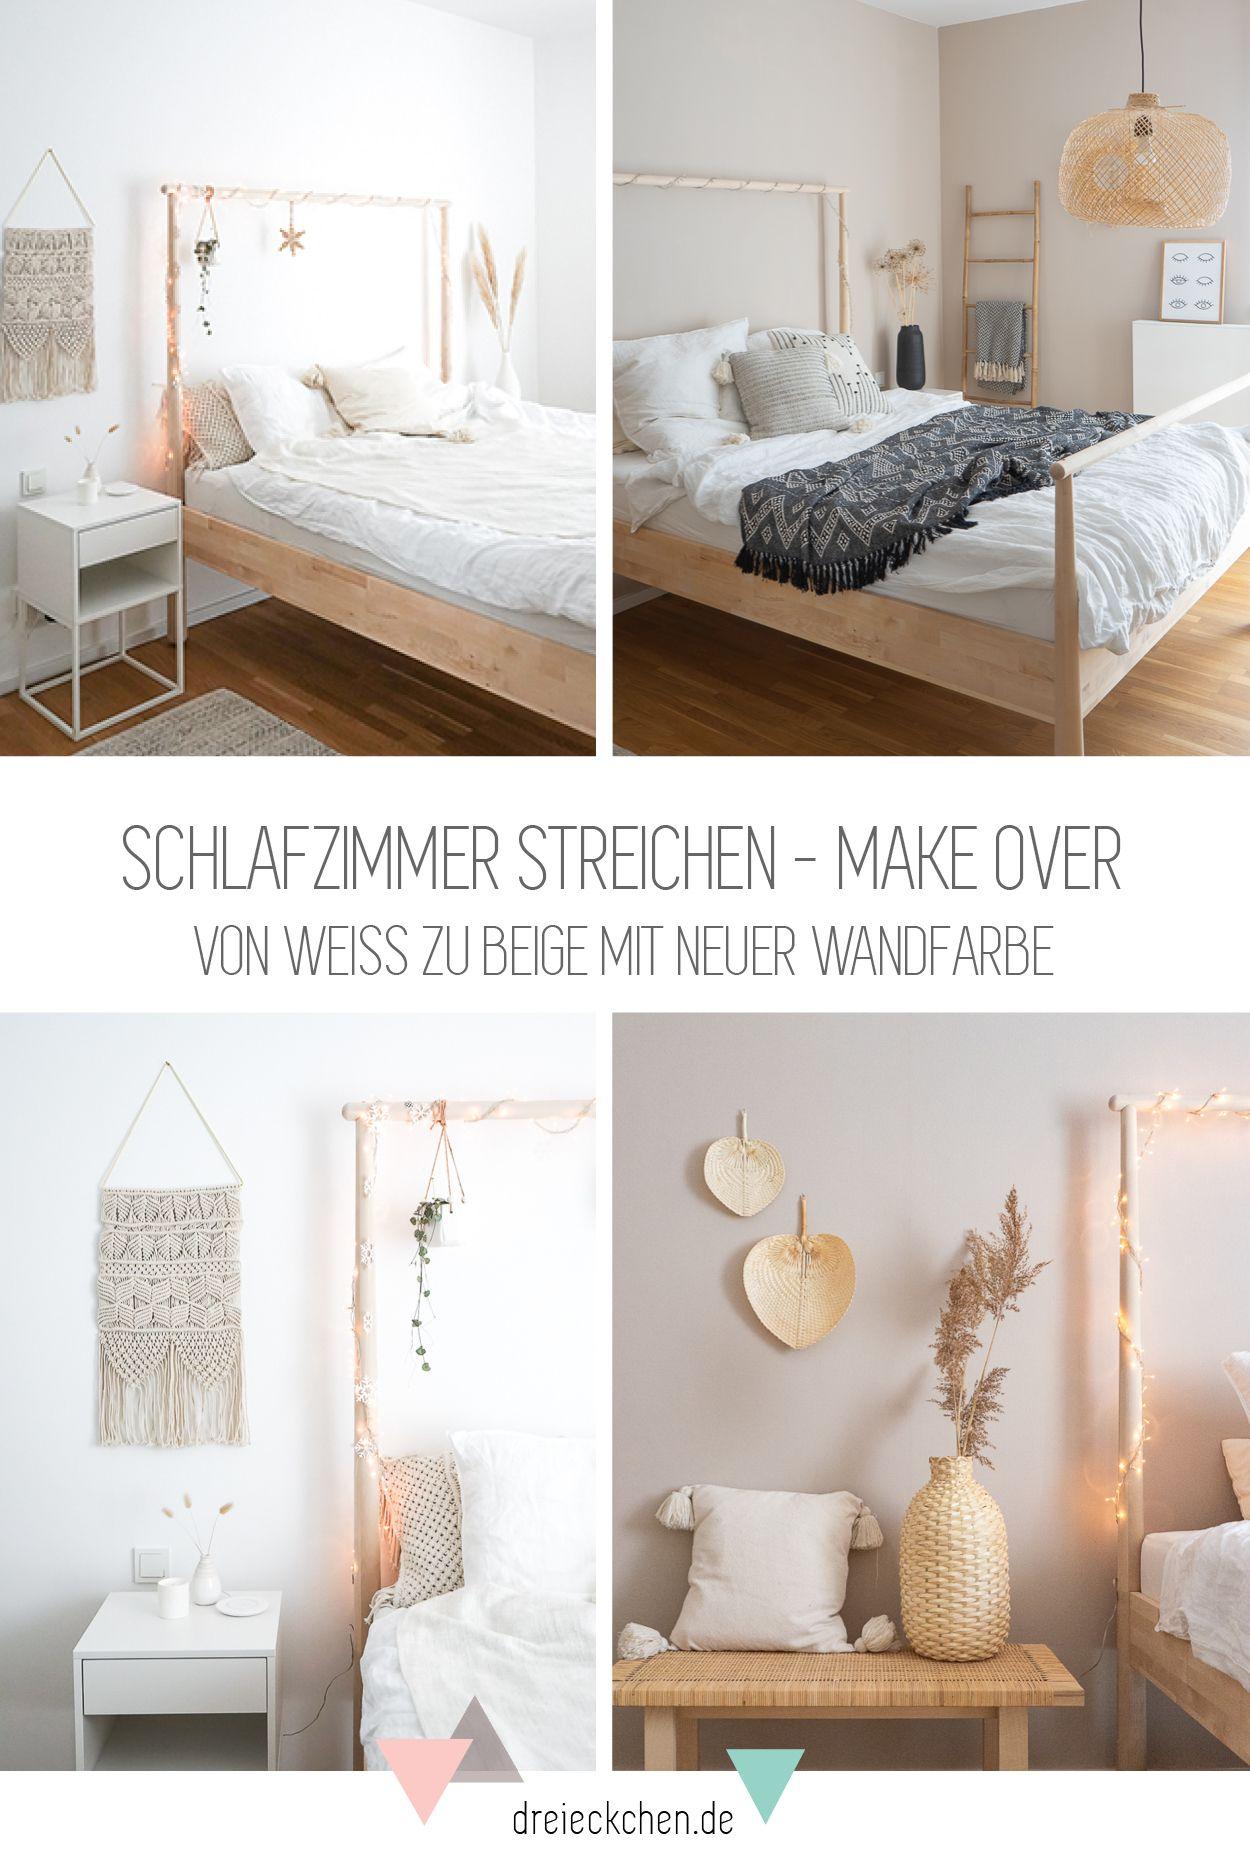 Von Weiss Zu Beige Mit Neuer Wandfarbe Schoner Wohnen